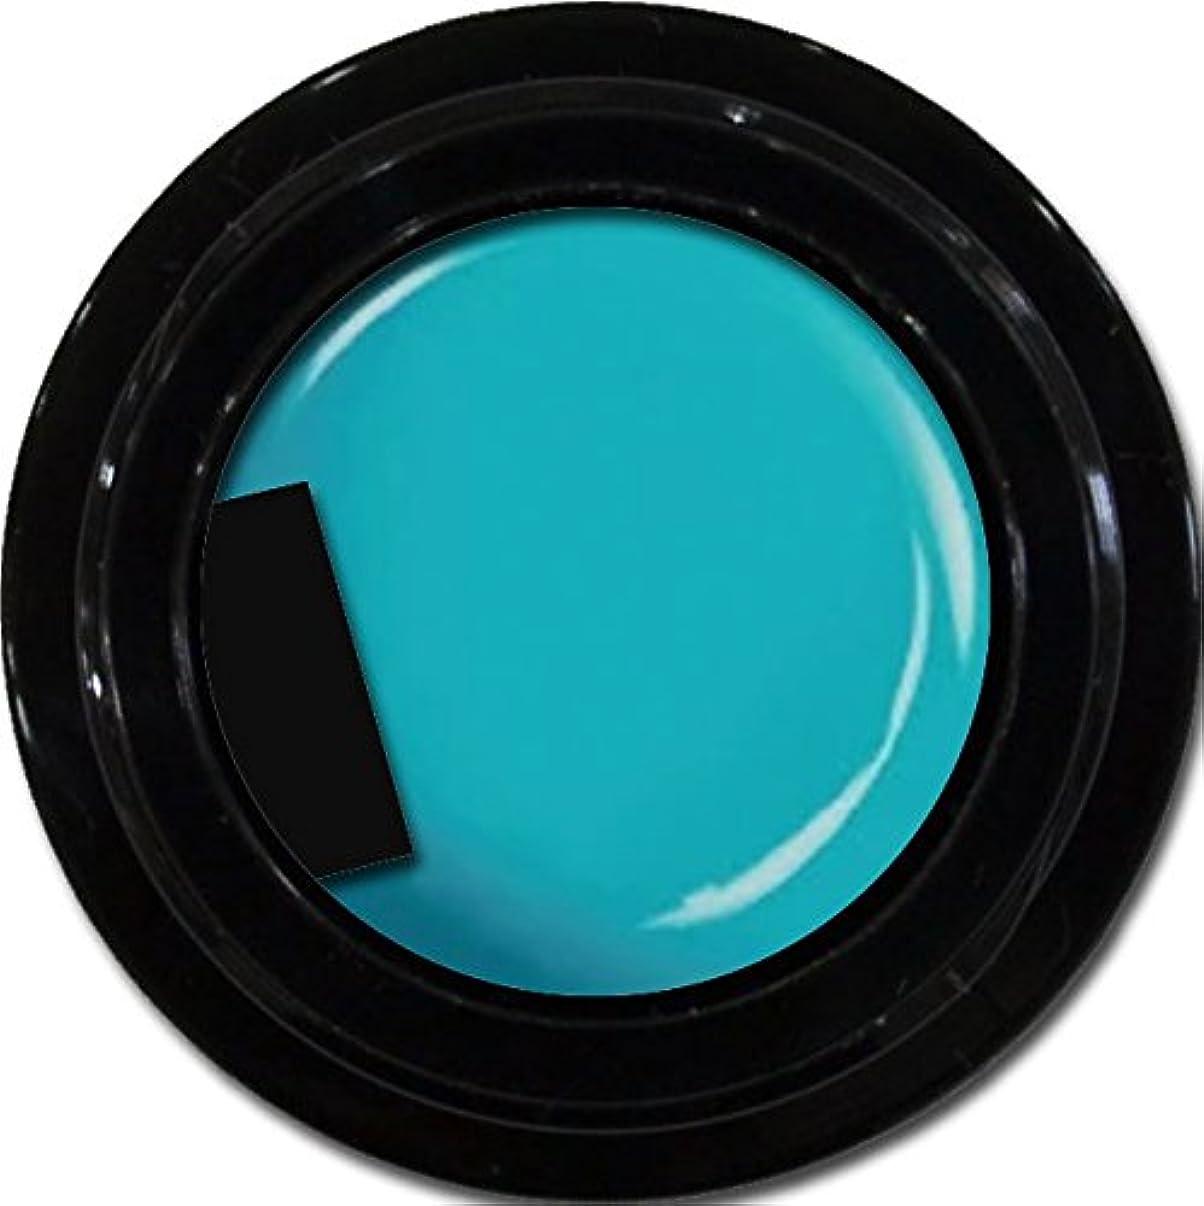 導入する囲いスクラップブックカラージェル enchant color gel M707 CanalBlue3g/ マットカラージェル M707カナールブルー 3グラム